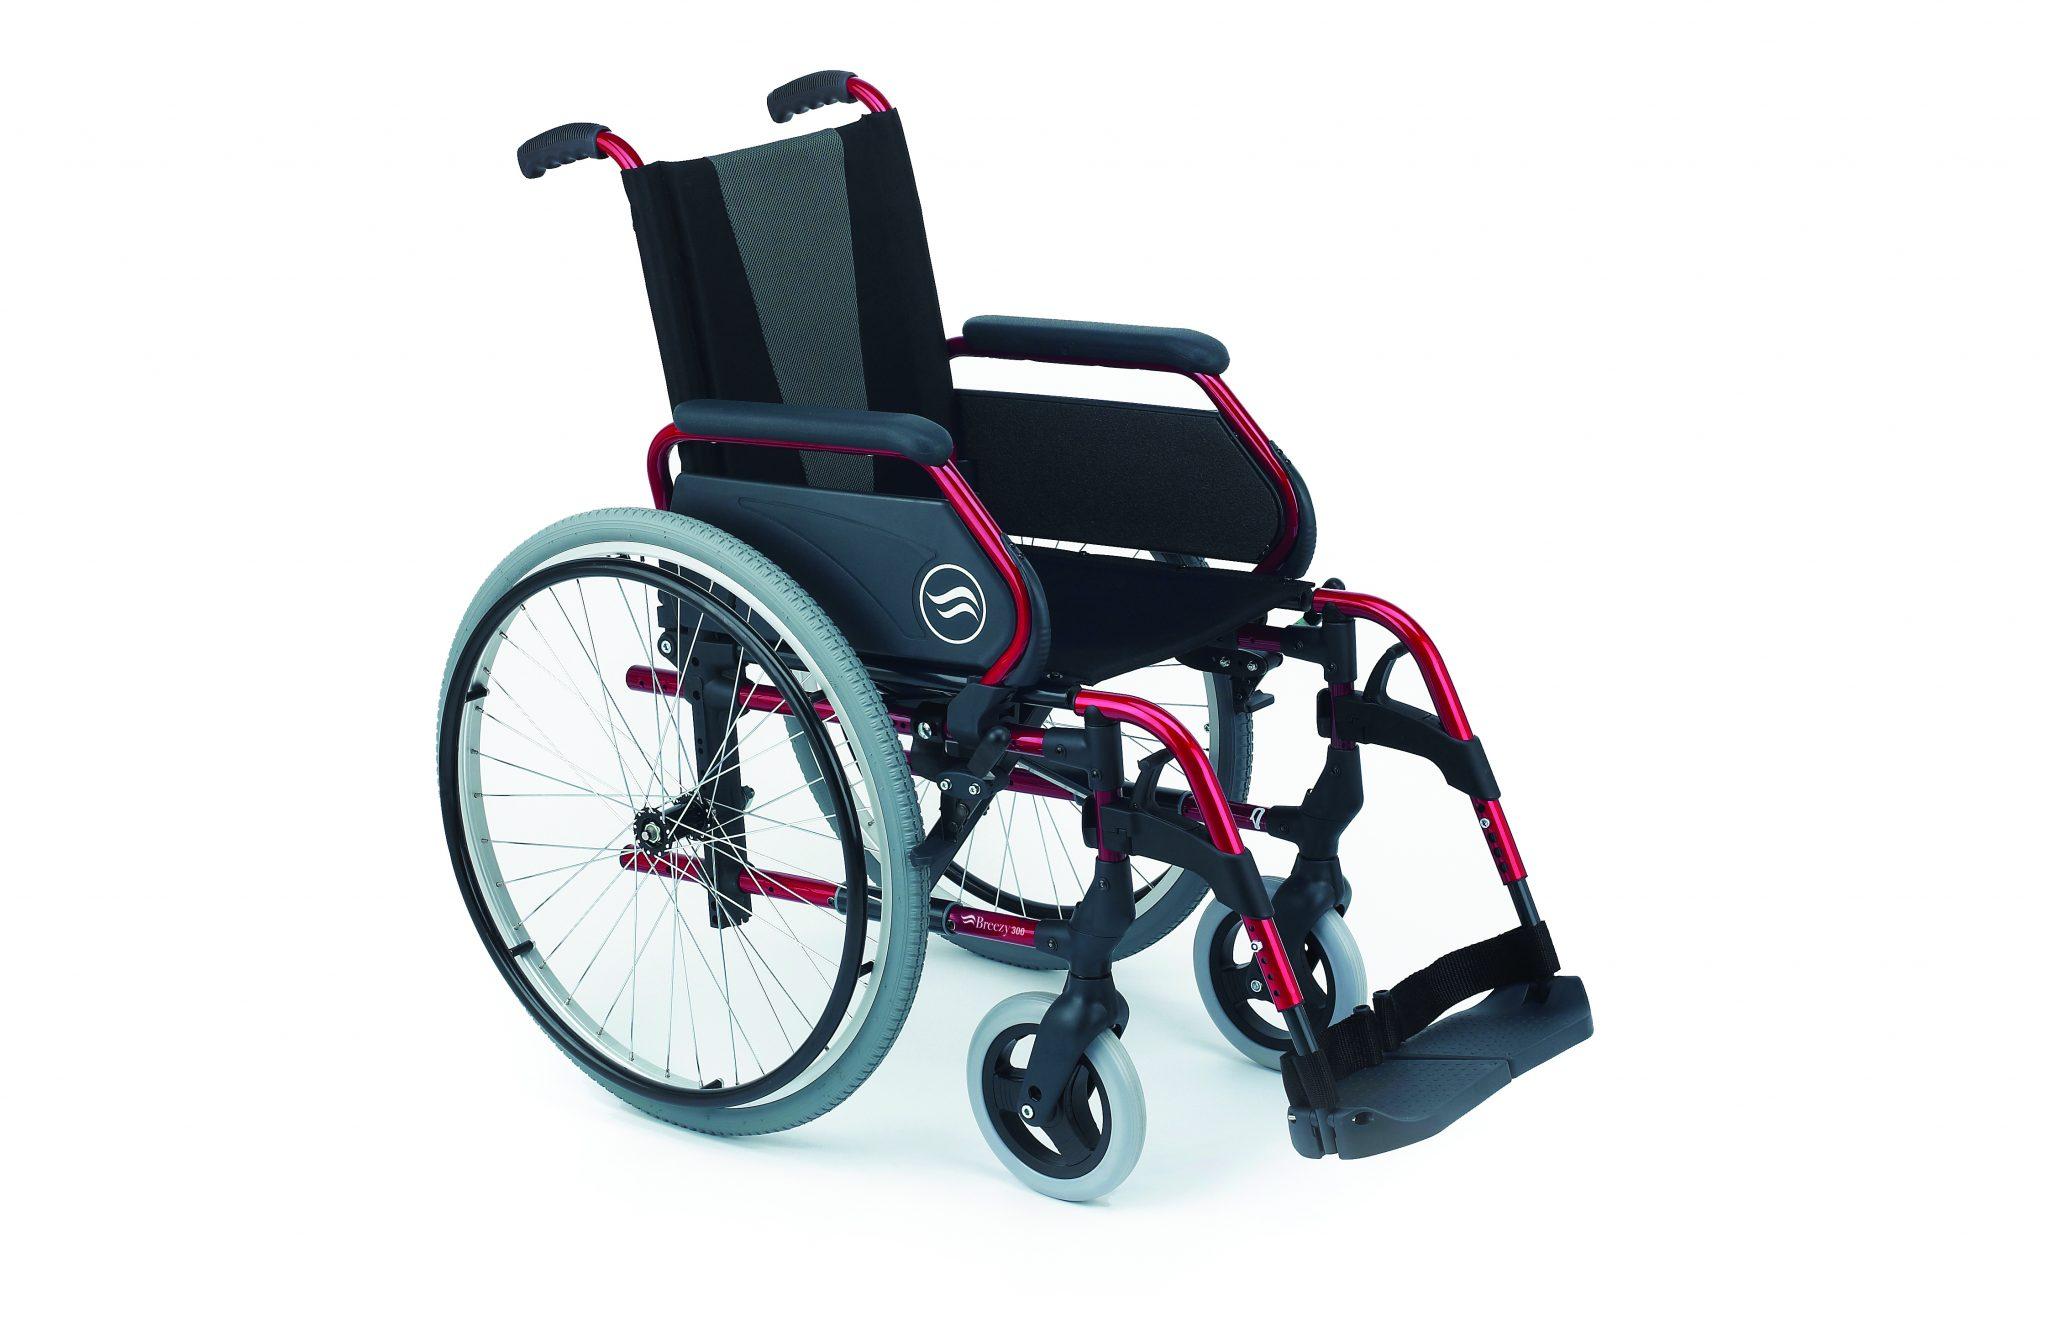 Cadeira de rodas, preta com estrutura vermelha, vista de perfil.